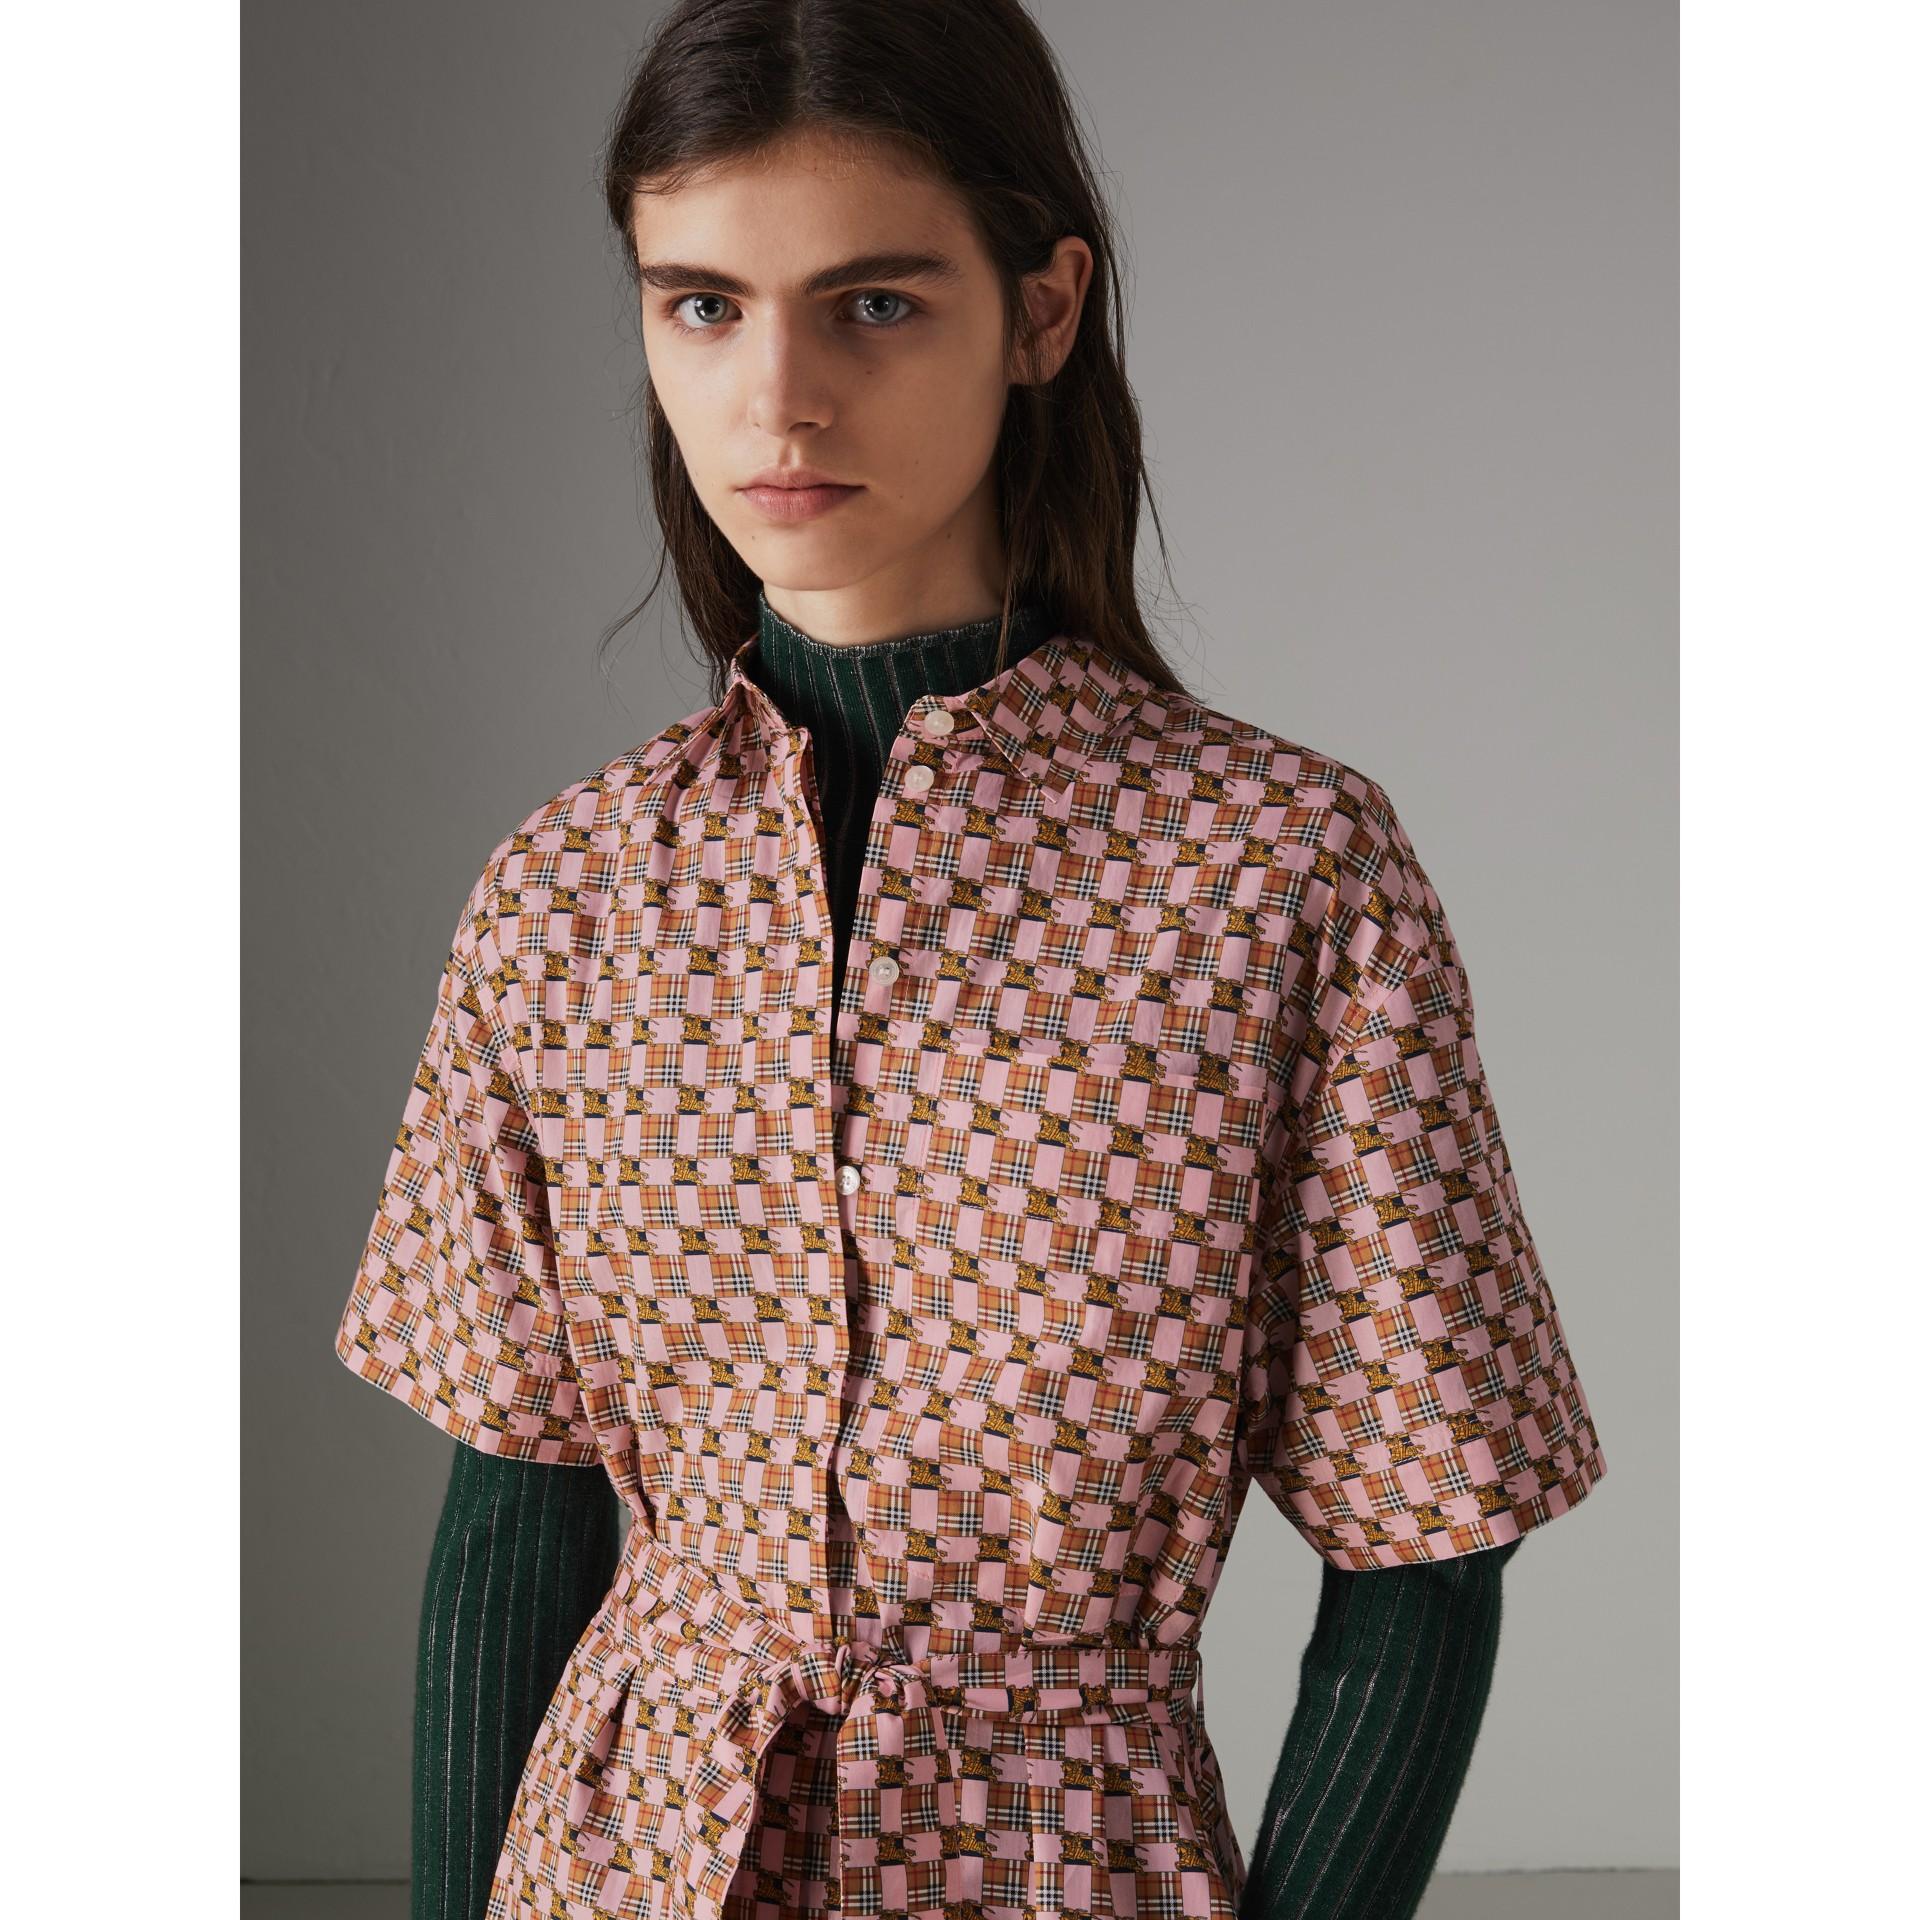 タイルアーカイブプリント コットンシャツドレス (ピンク) - ウィメンズ | バーバリー - ギャラリーイメージ 1